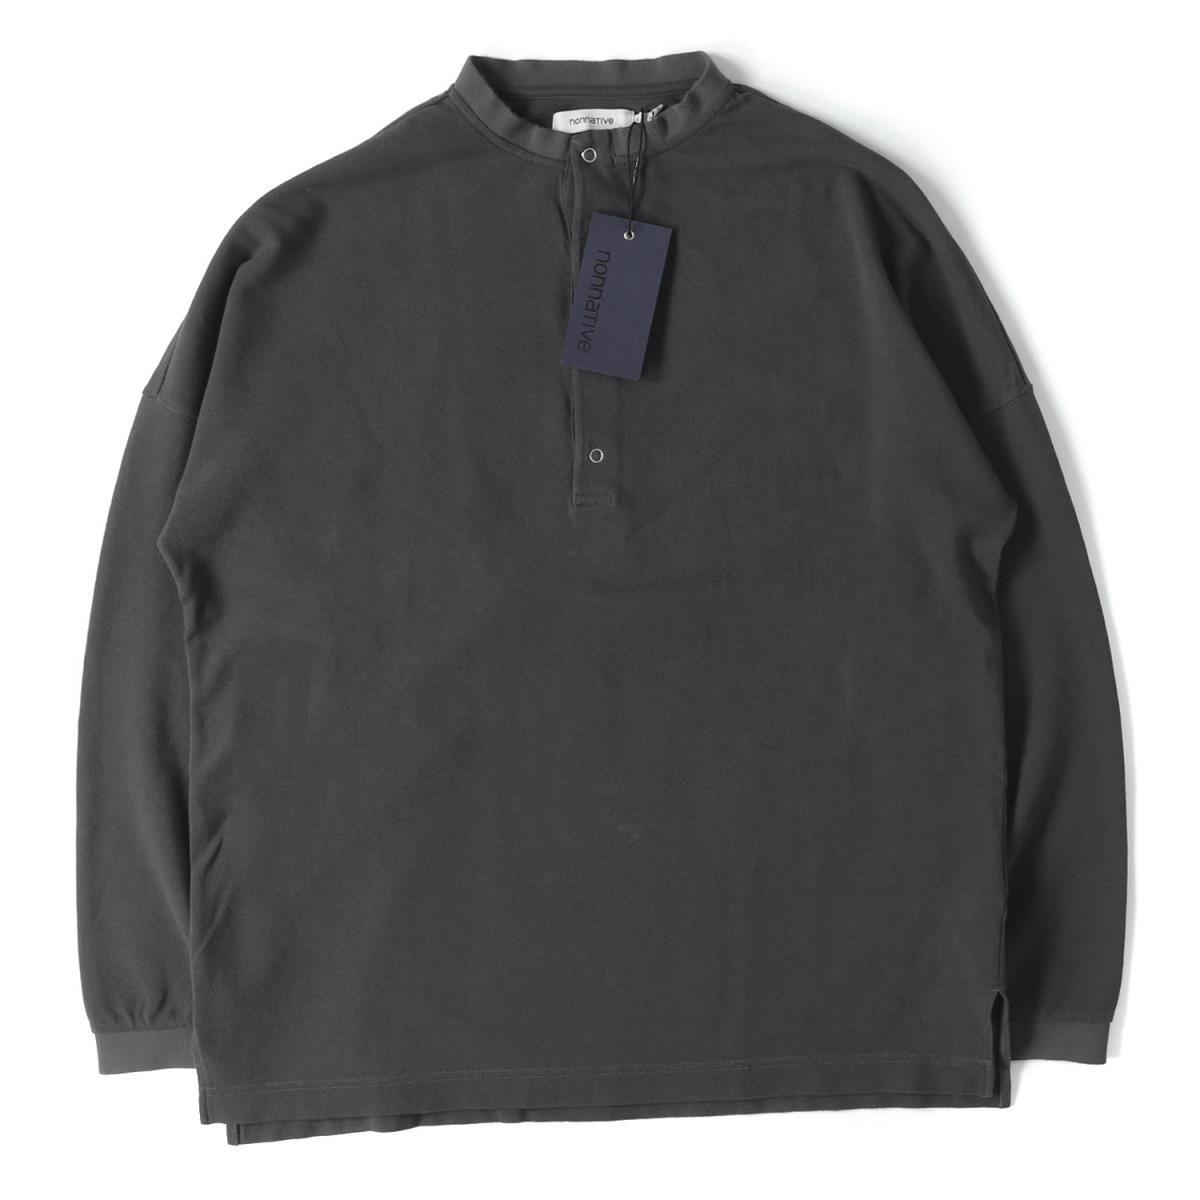 トップス, Tシャツ・カットソー NONNATIVE () T 19SS T CLERK HENLEY NECK LS TEE 2 K2487